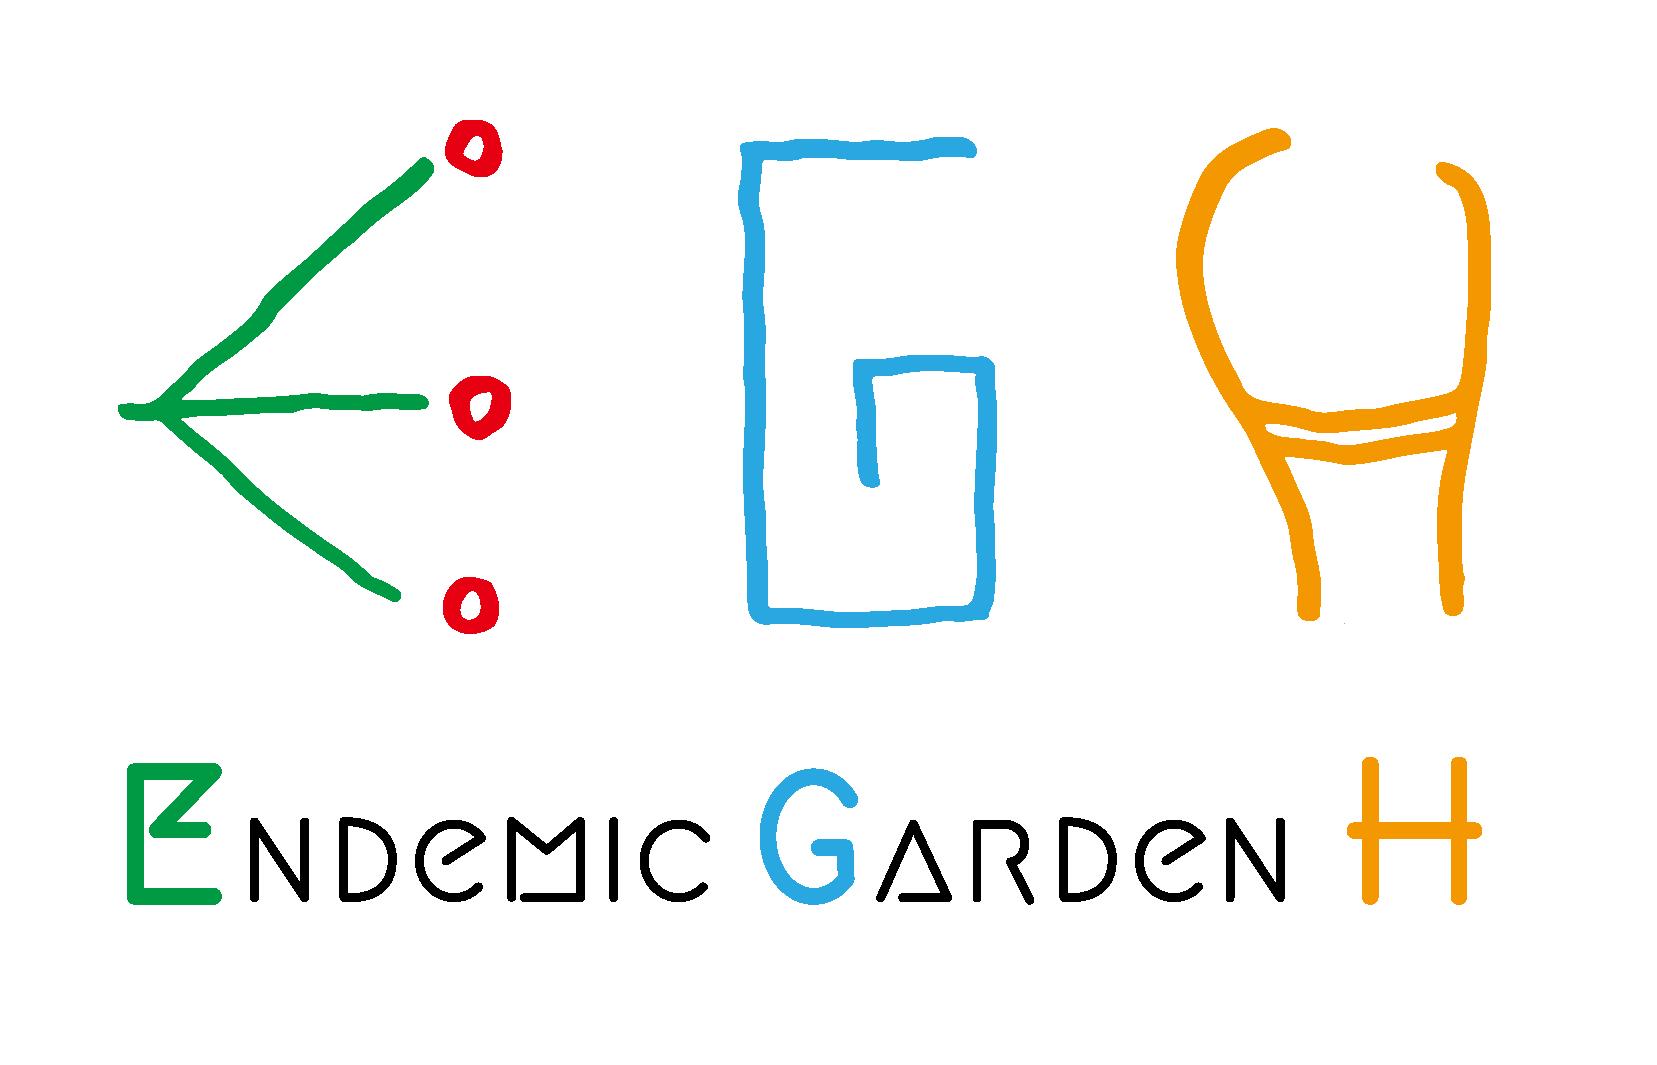 Endemic Garden H